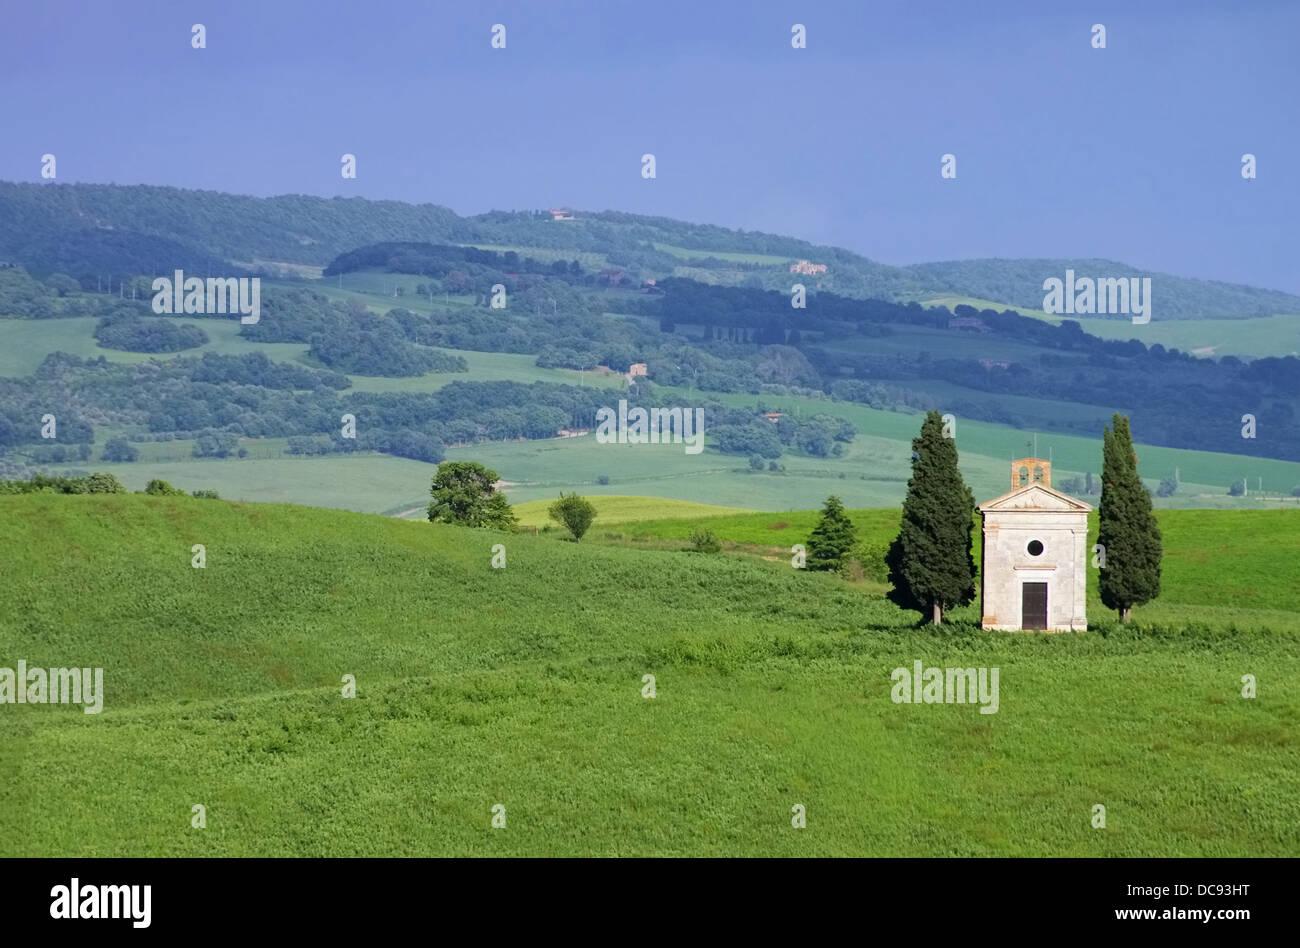 Toskana Kapelle - Tuscany chapel 12 - Stock Image